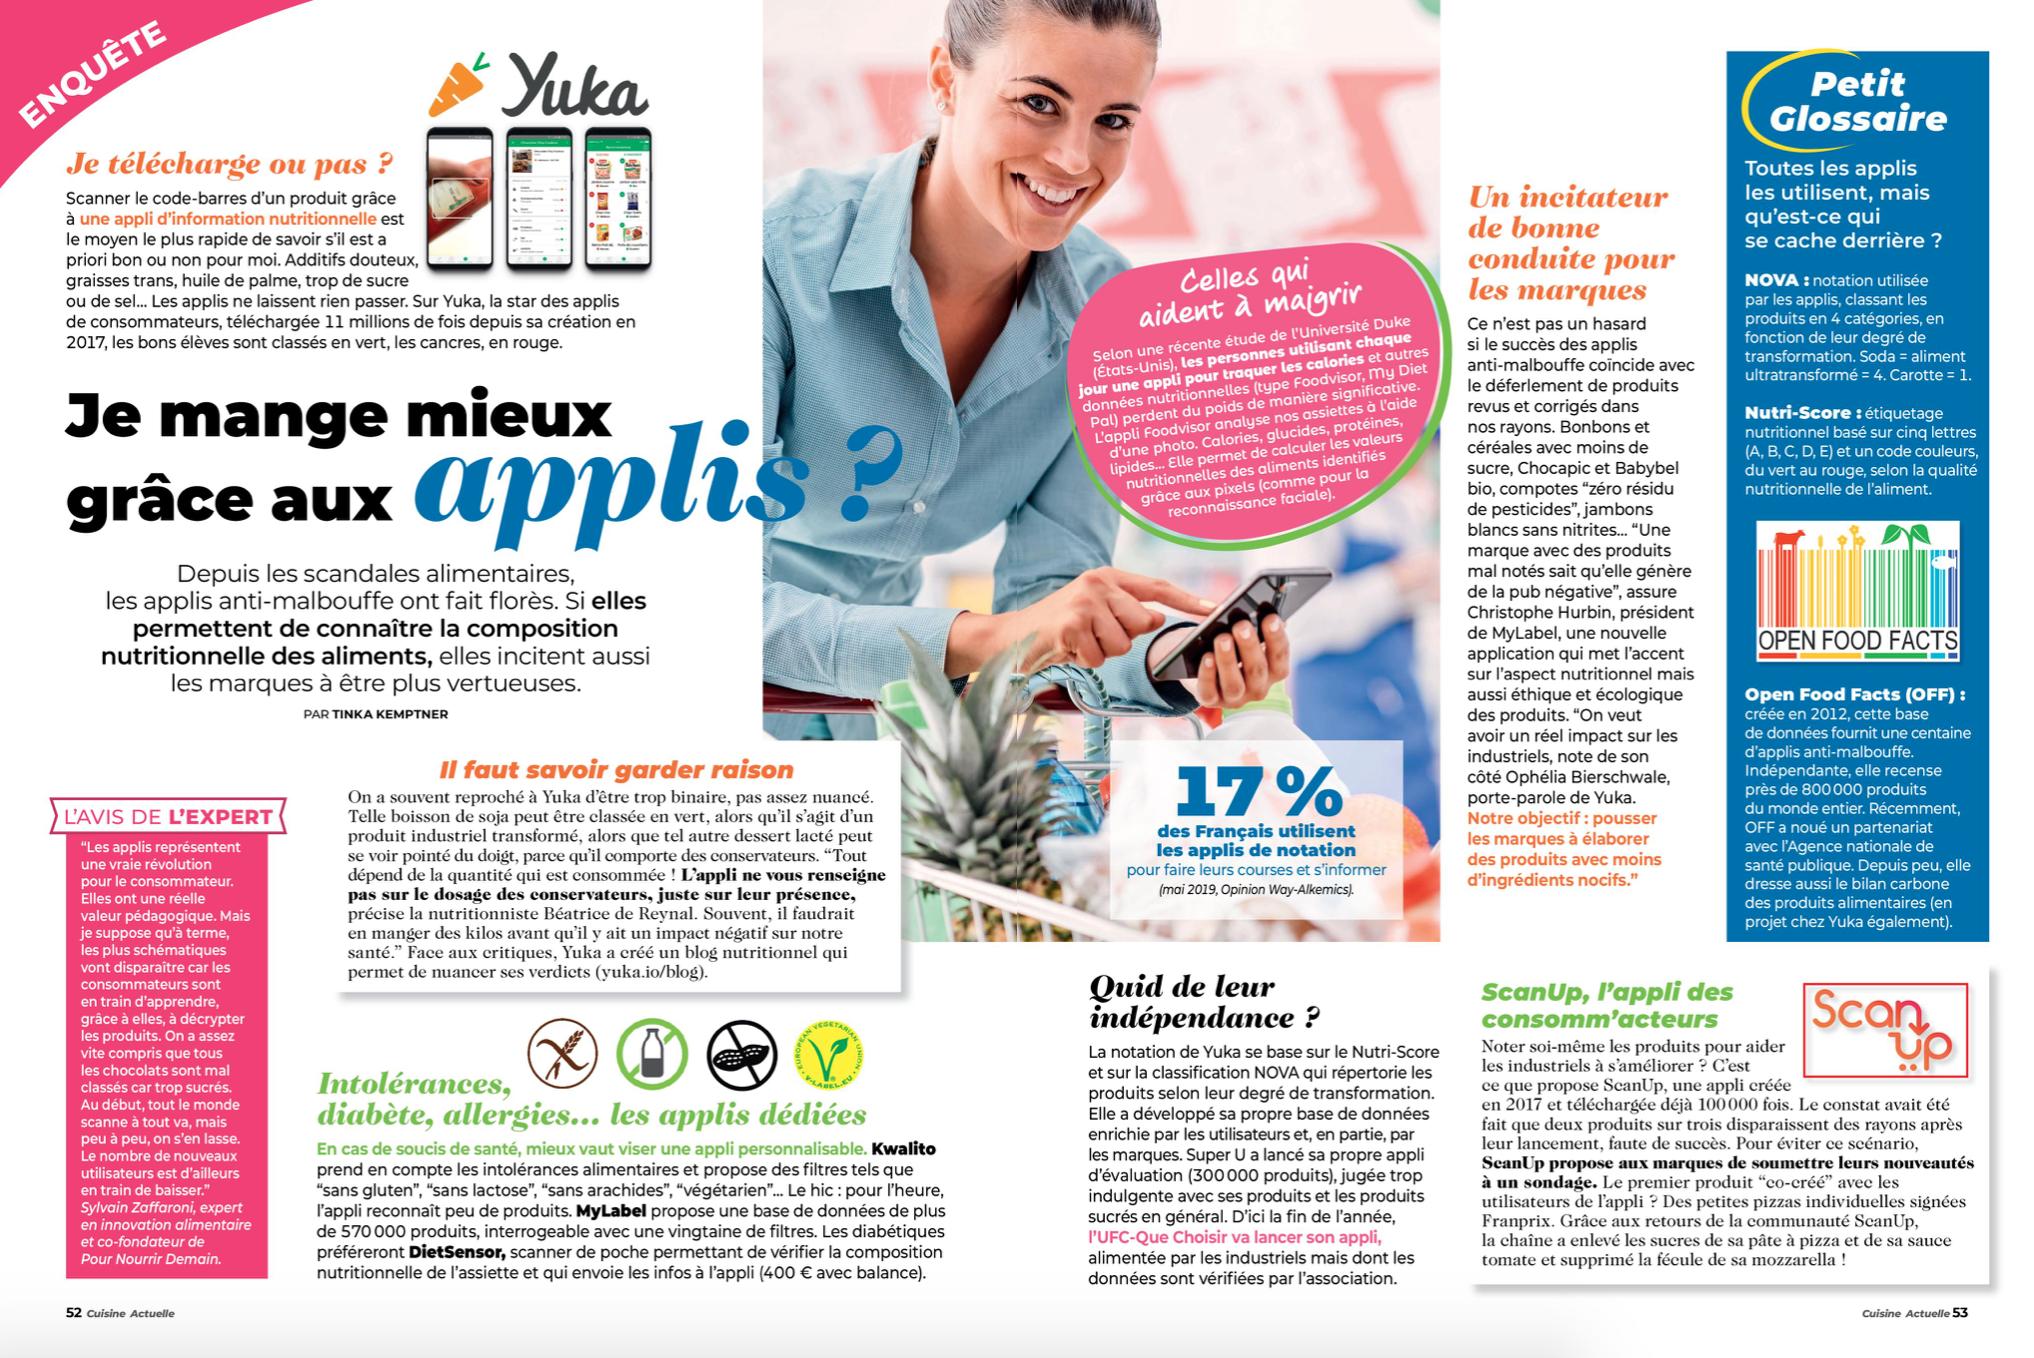 Capture d'écran 2019 08 14 à 11.38.00 - Avis d'expert dans le dossier « Je mange mieux grâce aux applis ? » de Cuisine Actuelle